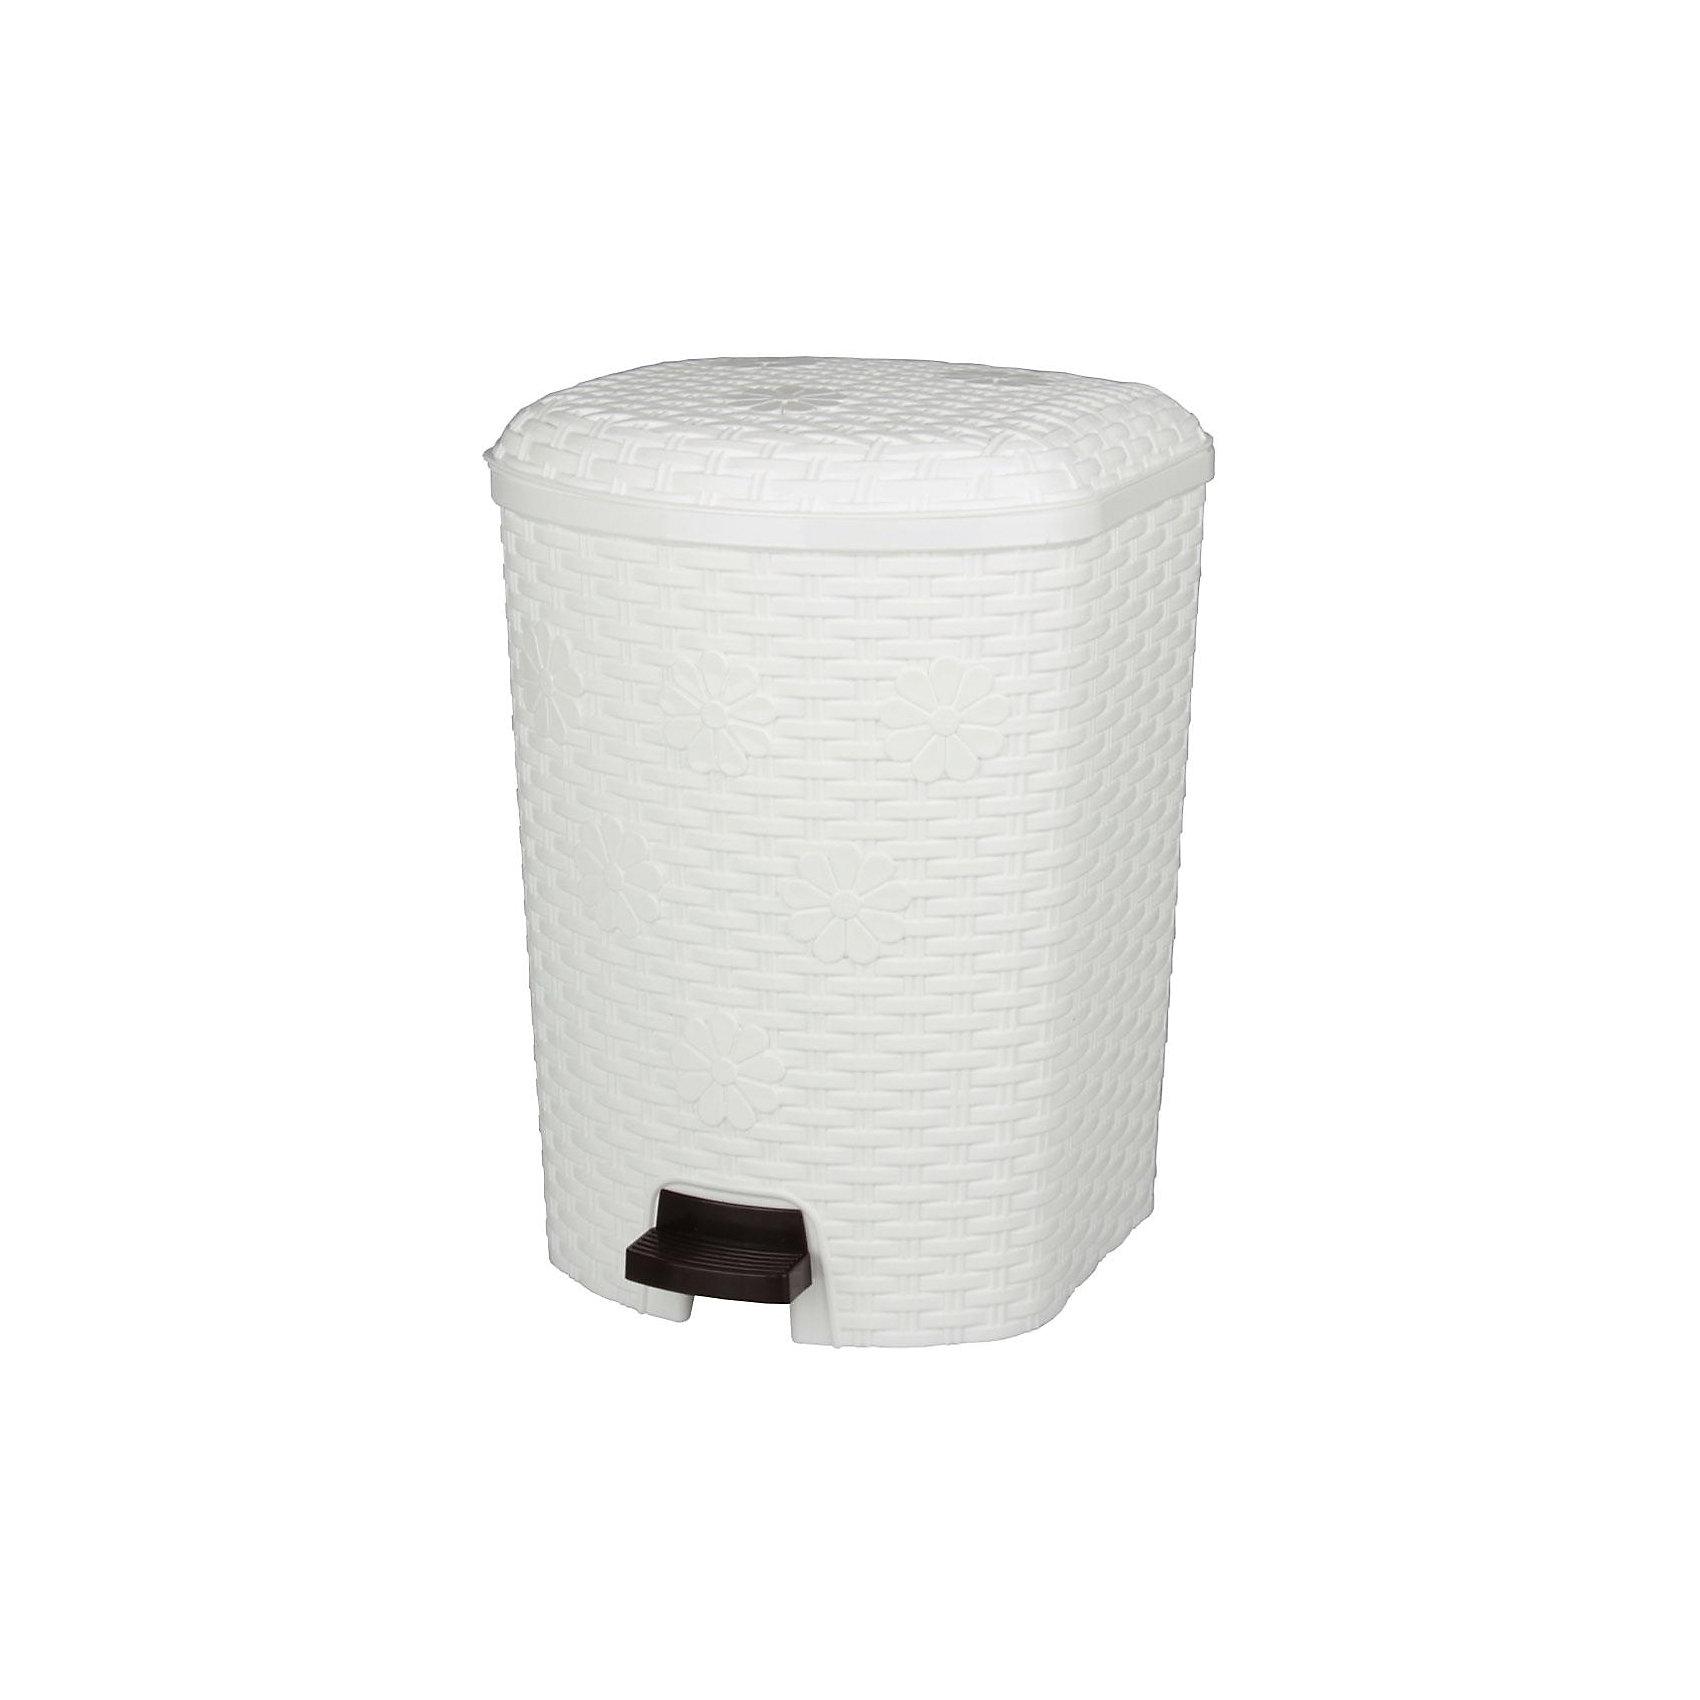 Контейнер для мусора Плетёнка 12л, Alternativa, белыйХарактеристики:<br><br>• Предназначение: для мусора<br>• Материал: пластик<br>• Цвет: белый<br>• Размер (Д*Ш*В): 22,8*22,5*33,6 см<br>• Вместимость (объем): 12 л<br>• Форма: прямоугольный<br>• Наличие крышки <br>• Наличие педали<br>• Наличие внутреннего контейнера-вкладыша с ручкой<br>• Особенности ухода: разрешается мыть теплой водой<br><br>Контейнер для мусора Плетёнка 12 л., Alternativa, белый изготовлен отечественным производителем ООО ЗПИ Альтернатива, который специализируется на выпуске широкого спектра изделий из пластика. Контейнер выполнен из экологически безопасного пластика, устойчивого к механическим повреждениям, корпус оформлен имитацией плетения из лозы, в комплекте внутренний контейнер-вкладыш с ручкой и педаль для подъма крышки. Изделие имеет удобную форму, достаточно легкое в уходе. Контейнер для мусора Плетёнка 12 л., Alternativa, белый позволит поддерживать порядок дома без особого труда.<br><br>Контейнер для мусора Плетёнка 12 л., Alternativa, белый можно купить в нашем интернет-магазине.<br><br>Ширина мм: 228<br>Глубина мм: 225<br>Высота мм: 336<br>Вес г: 1323<br>Возраст от месяцев: 6<br>Возраст до месяцев: 84<br>Пол: Женский<br>Возраст: Детский<br>SKU: 5096592